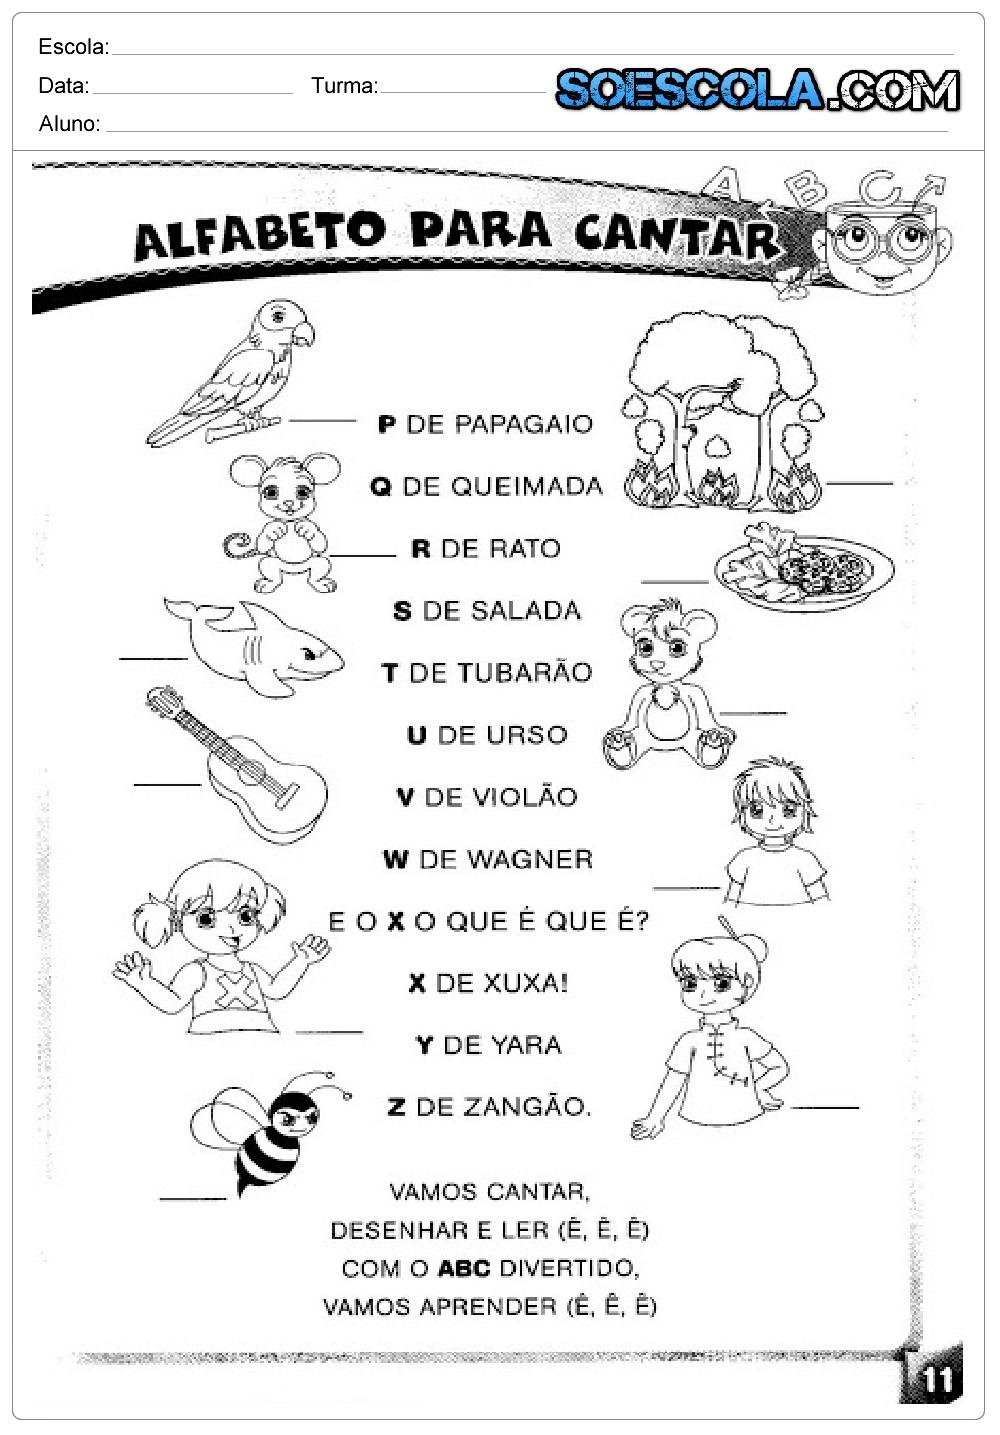 Atividades Educativas sobre Alfabeto: para cantar